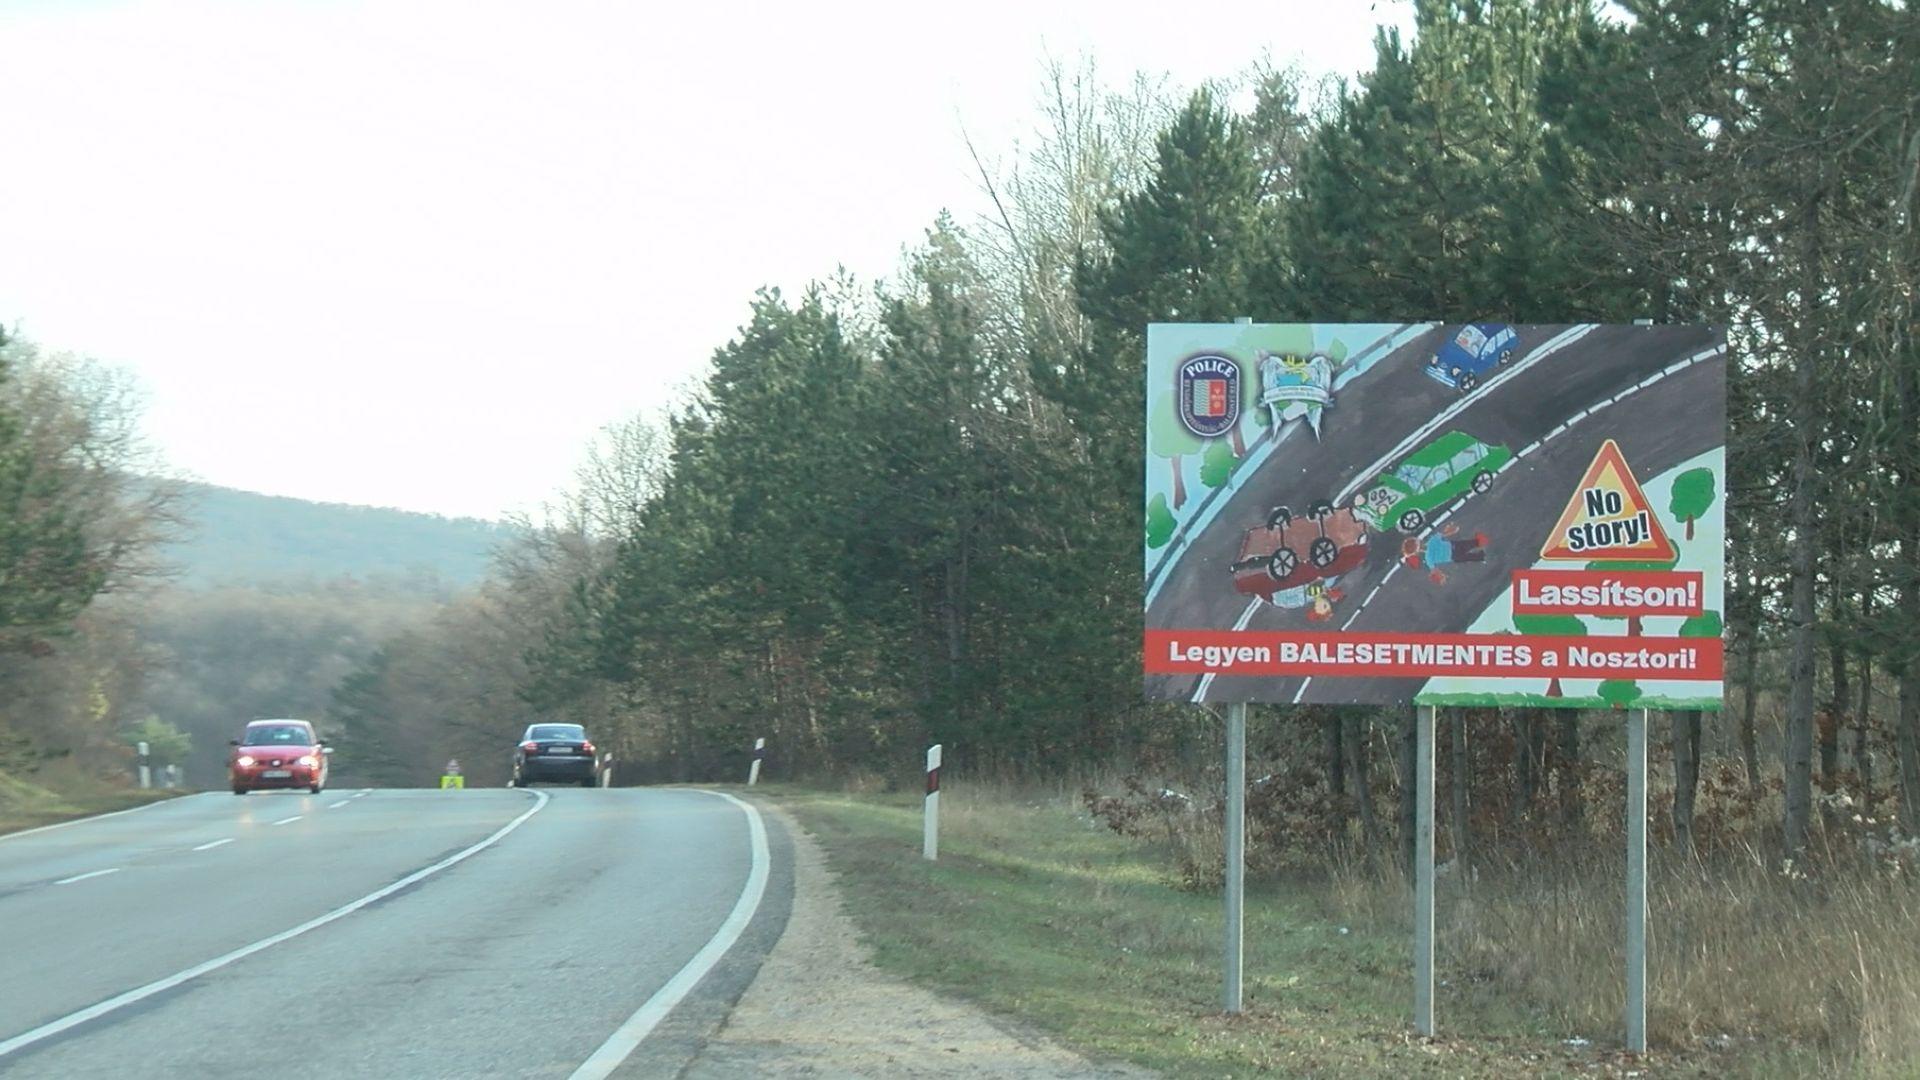 Balatonfüredi diák rajzával hívják fel az autósok figyelmét a Nosztori veszélyeire